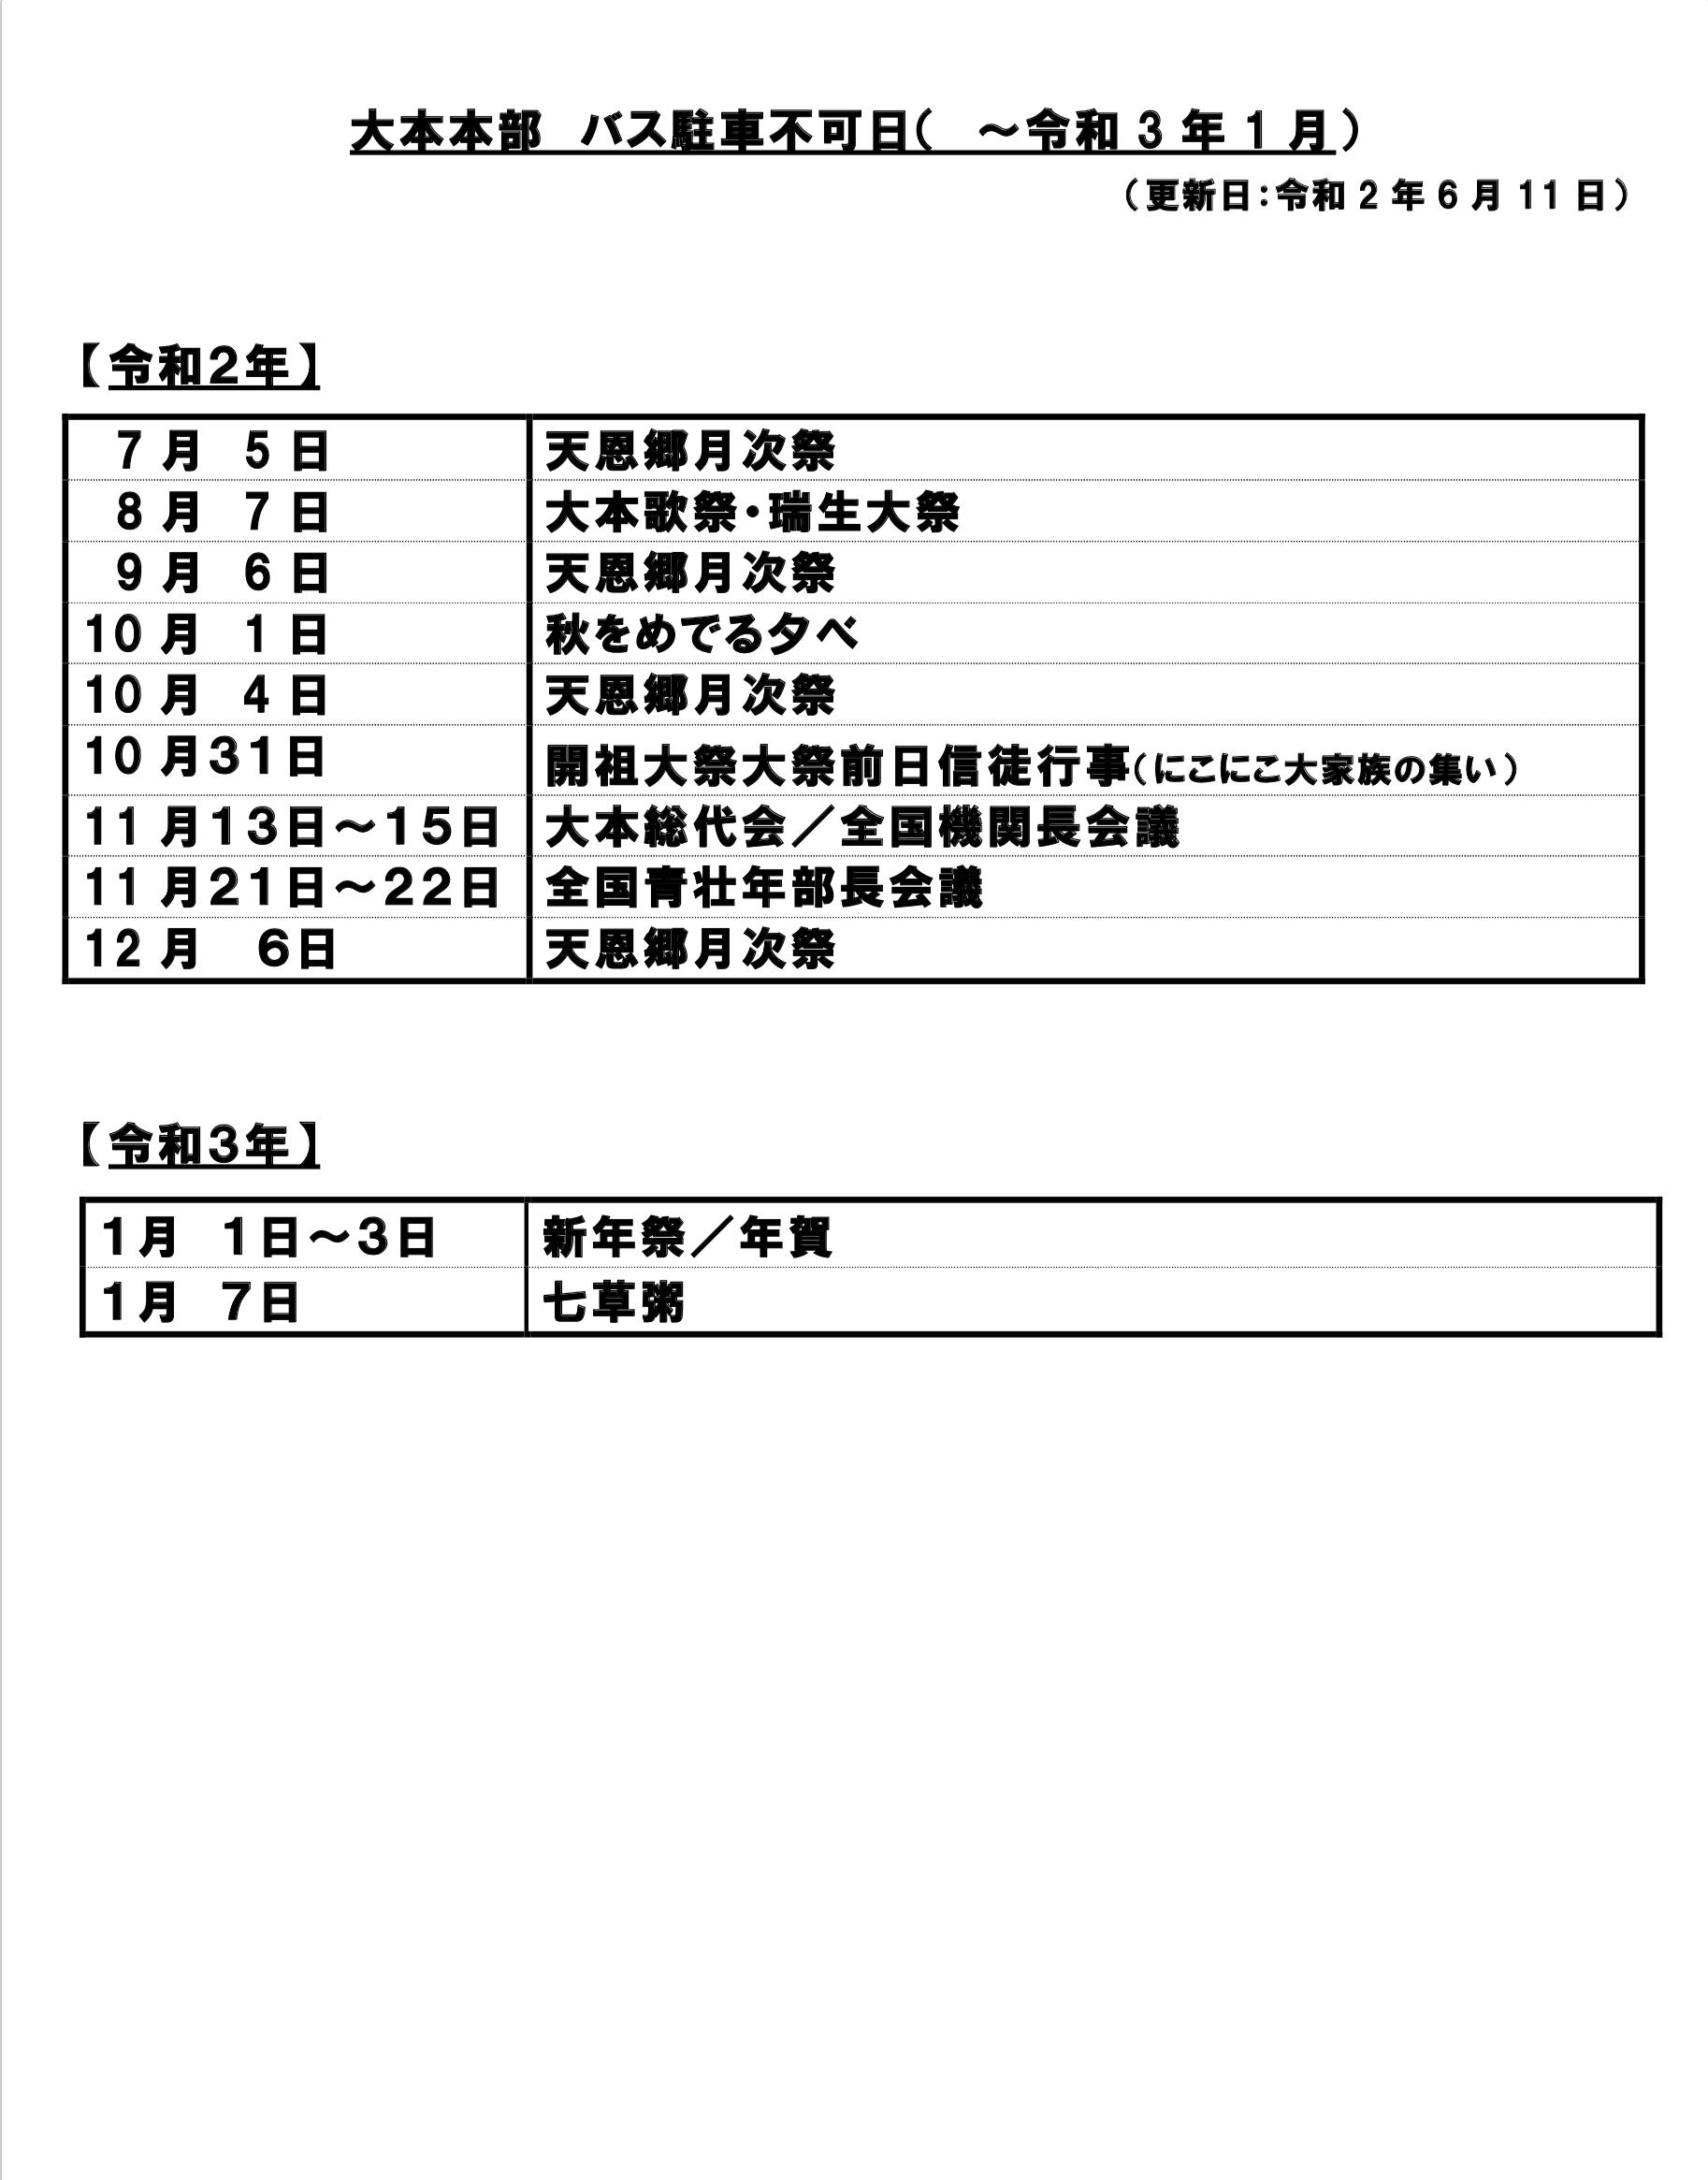 スクリーンショット 2020-06-11 16.02.18